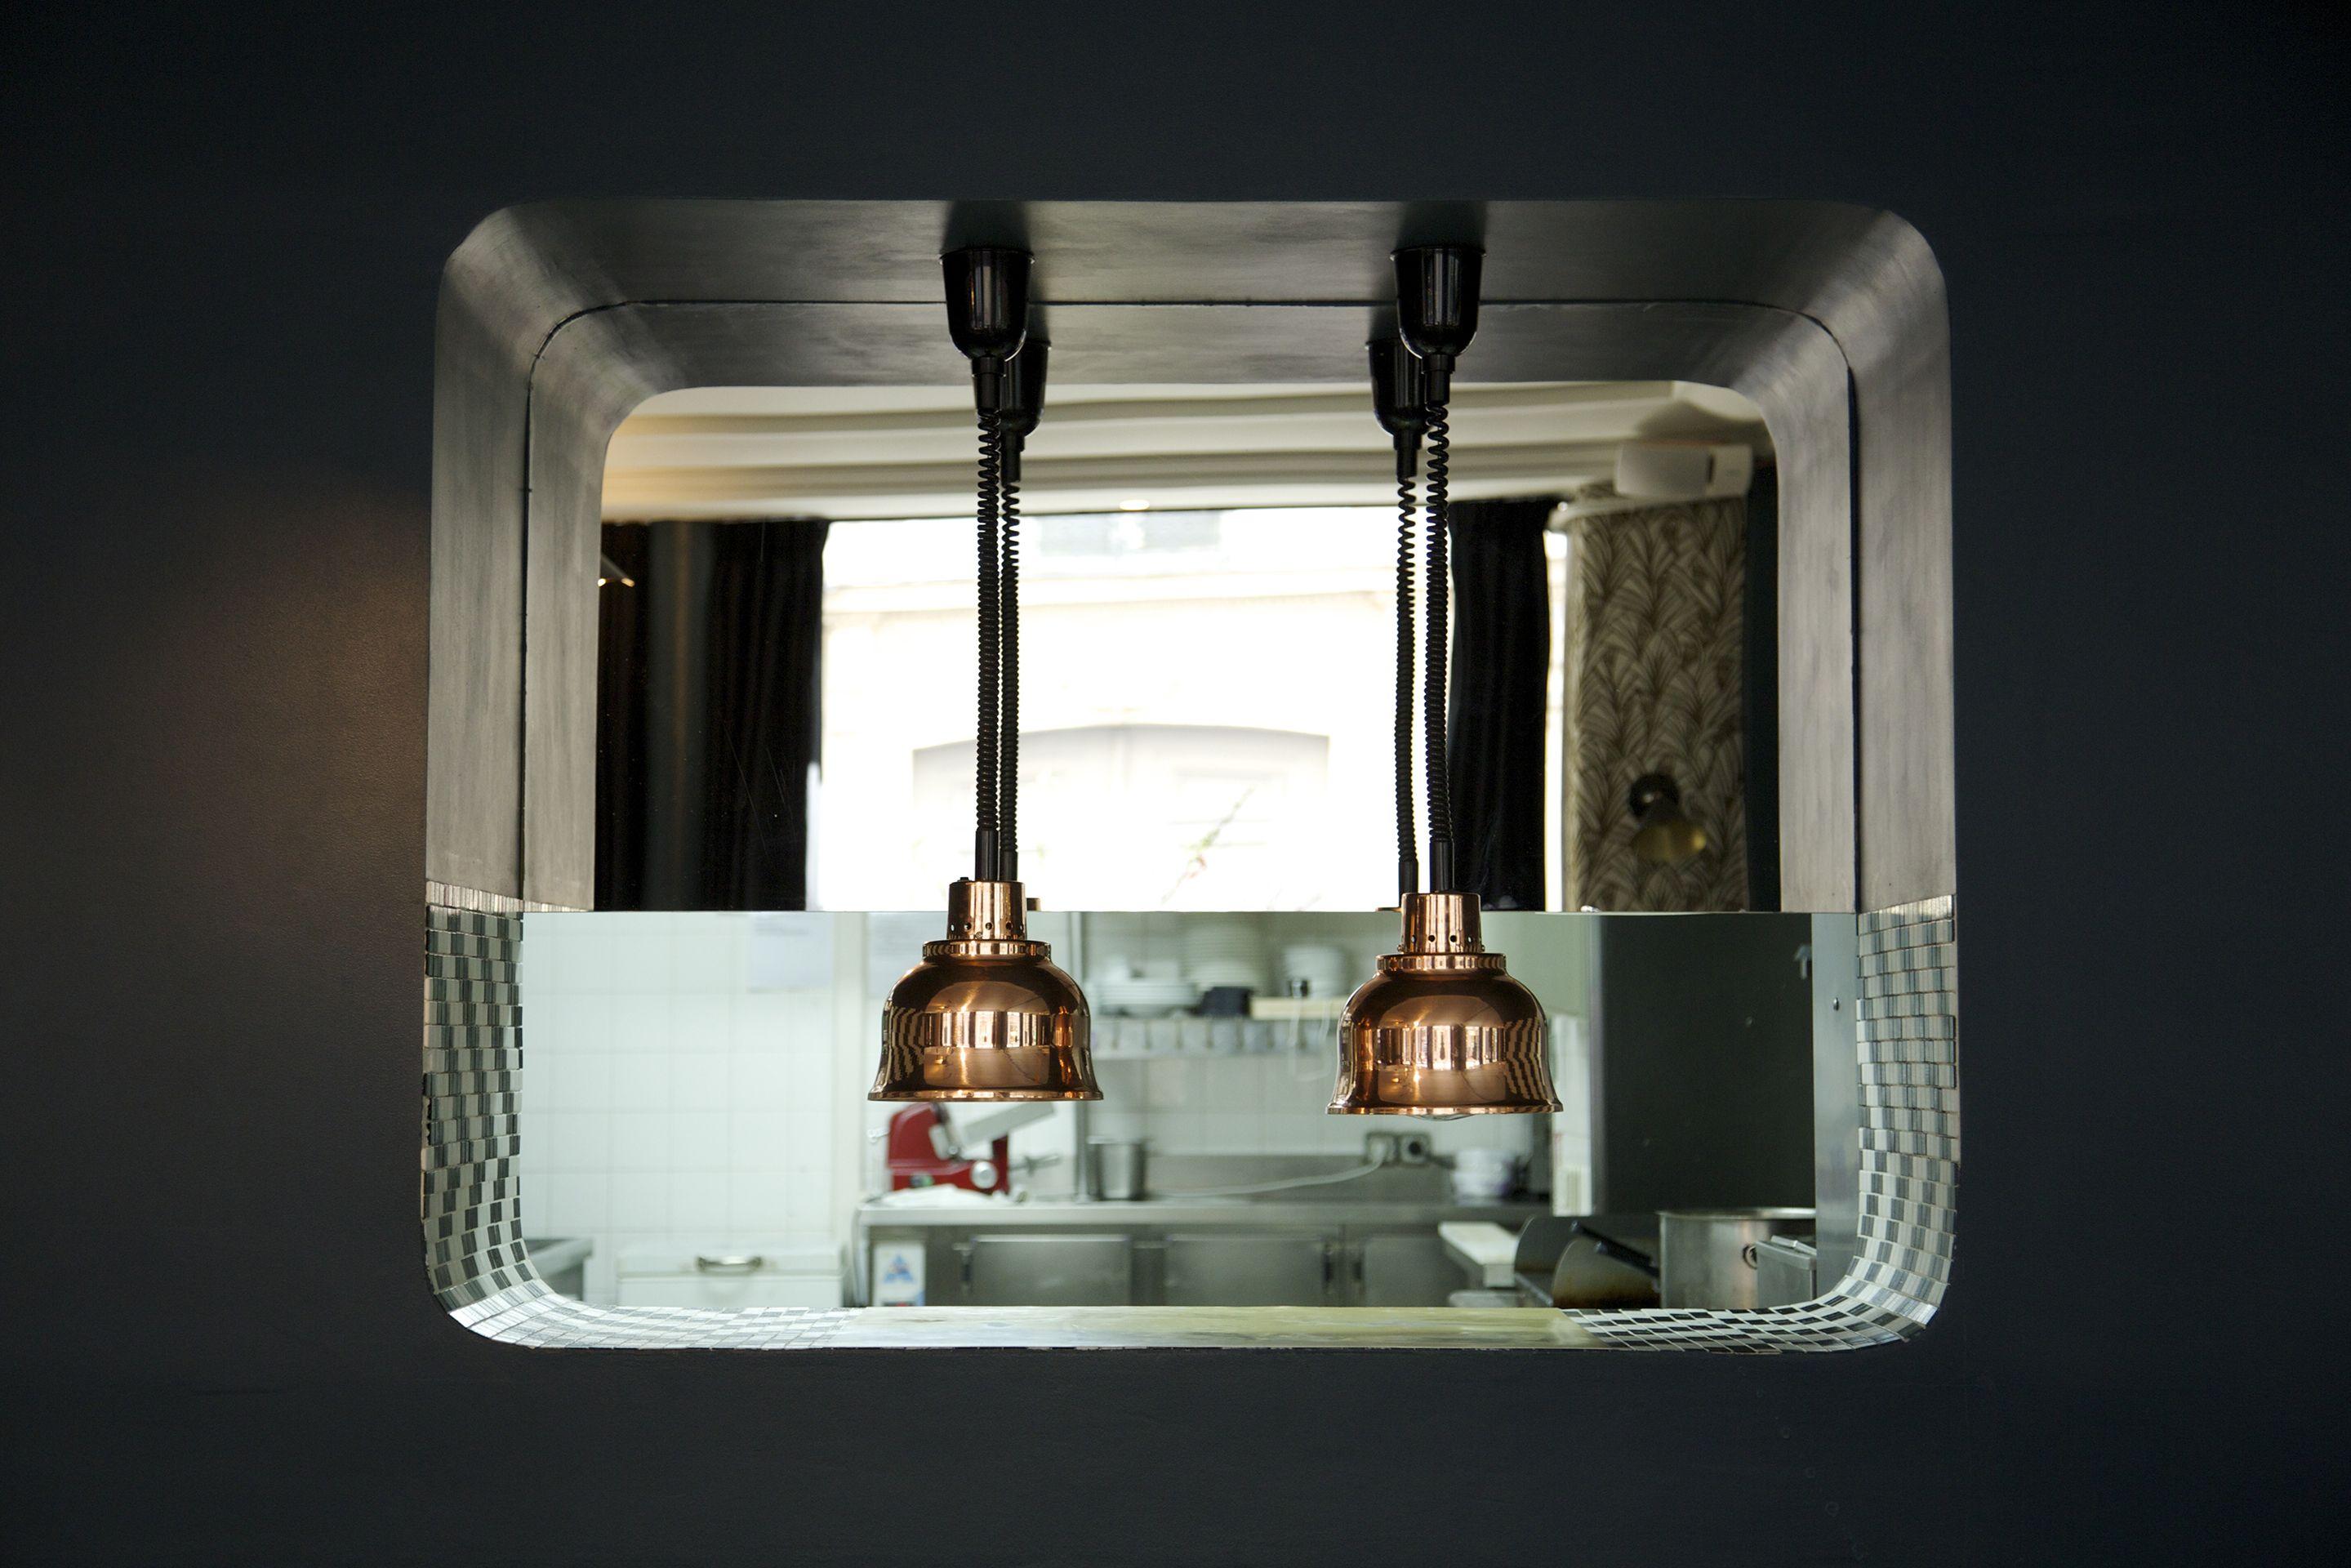 ca5427220ba442d71a604c9810930d69 Frais De Cuisine Ouverte Bar Concept